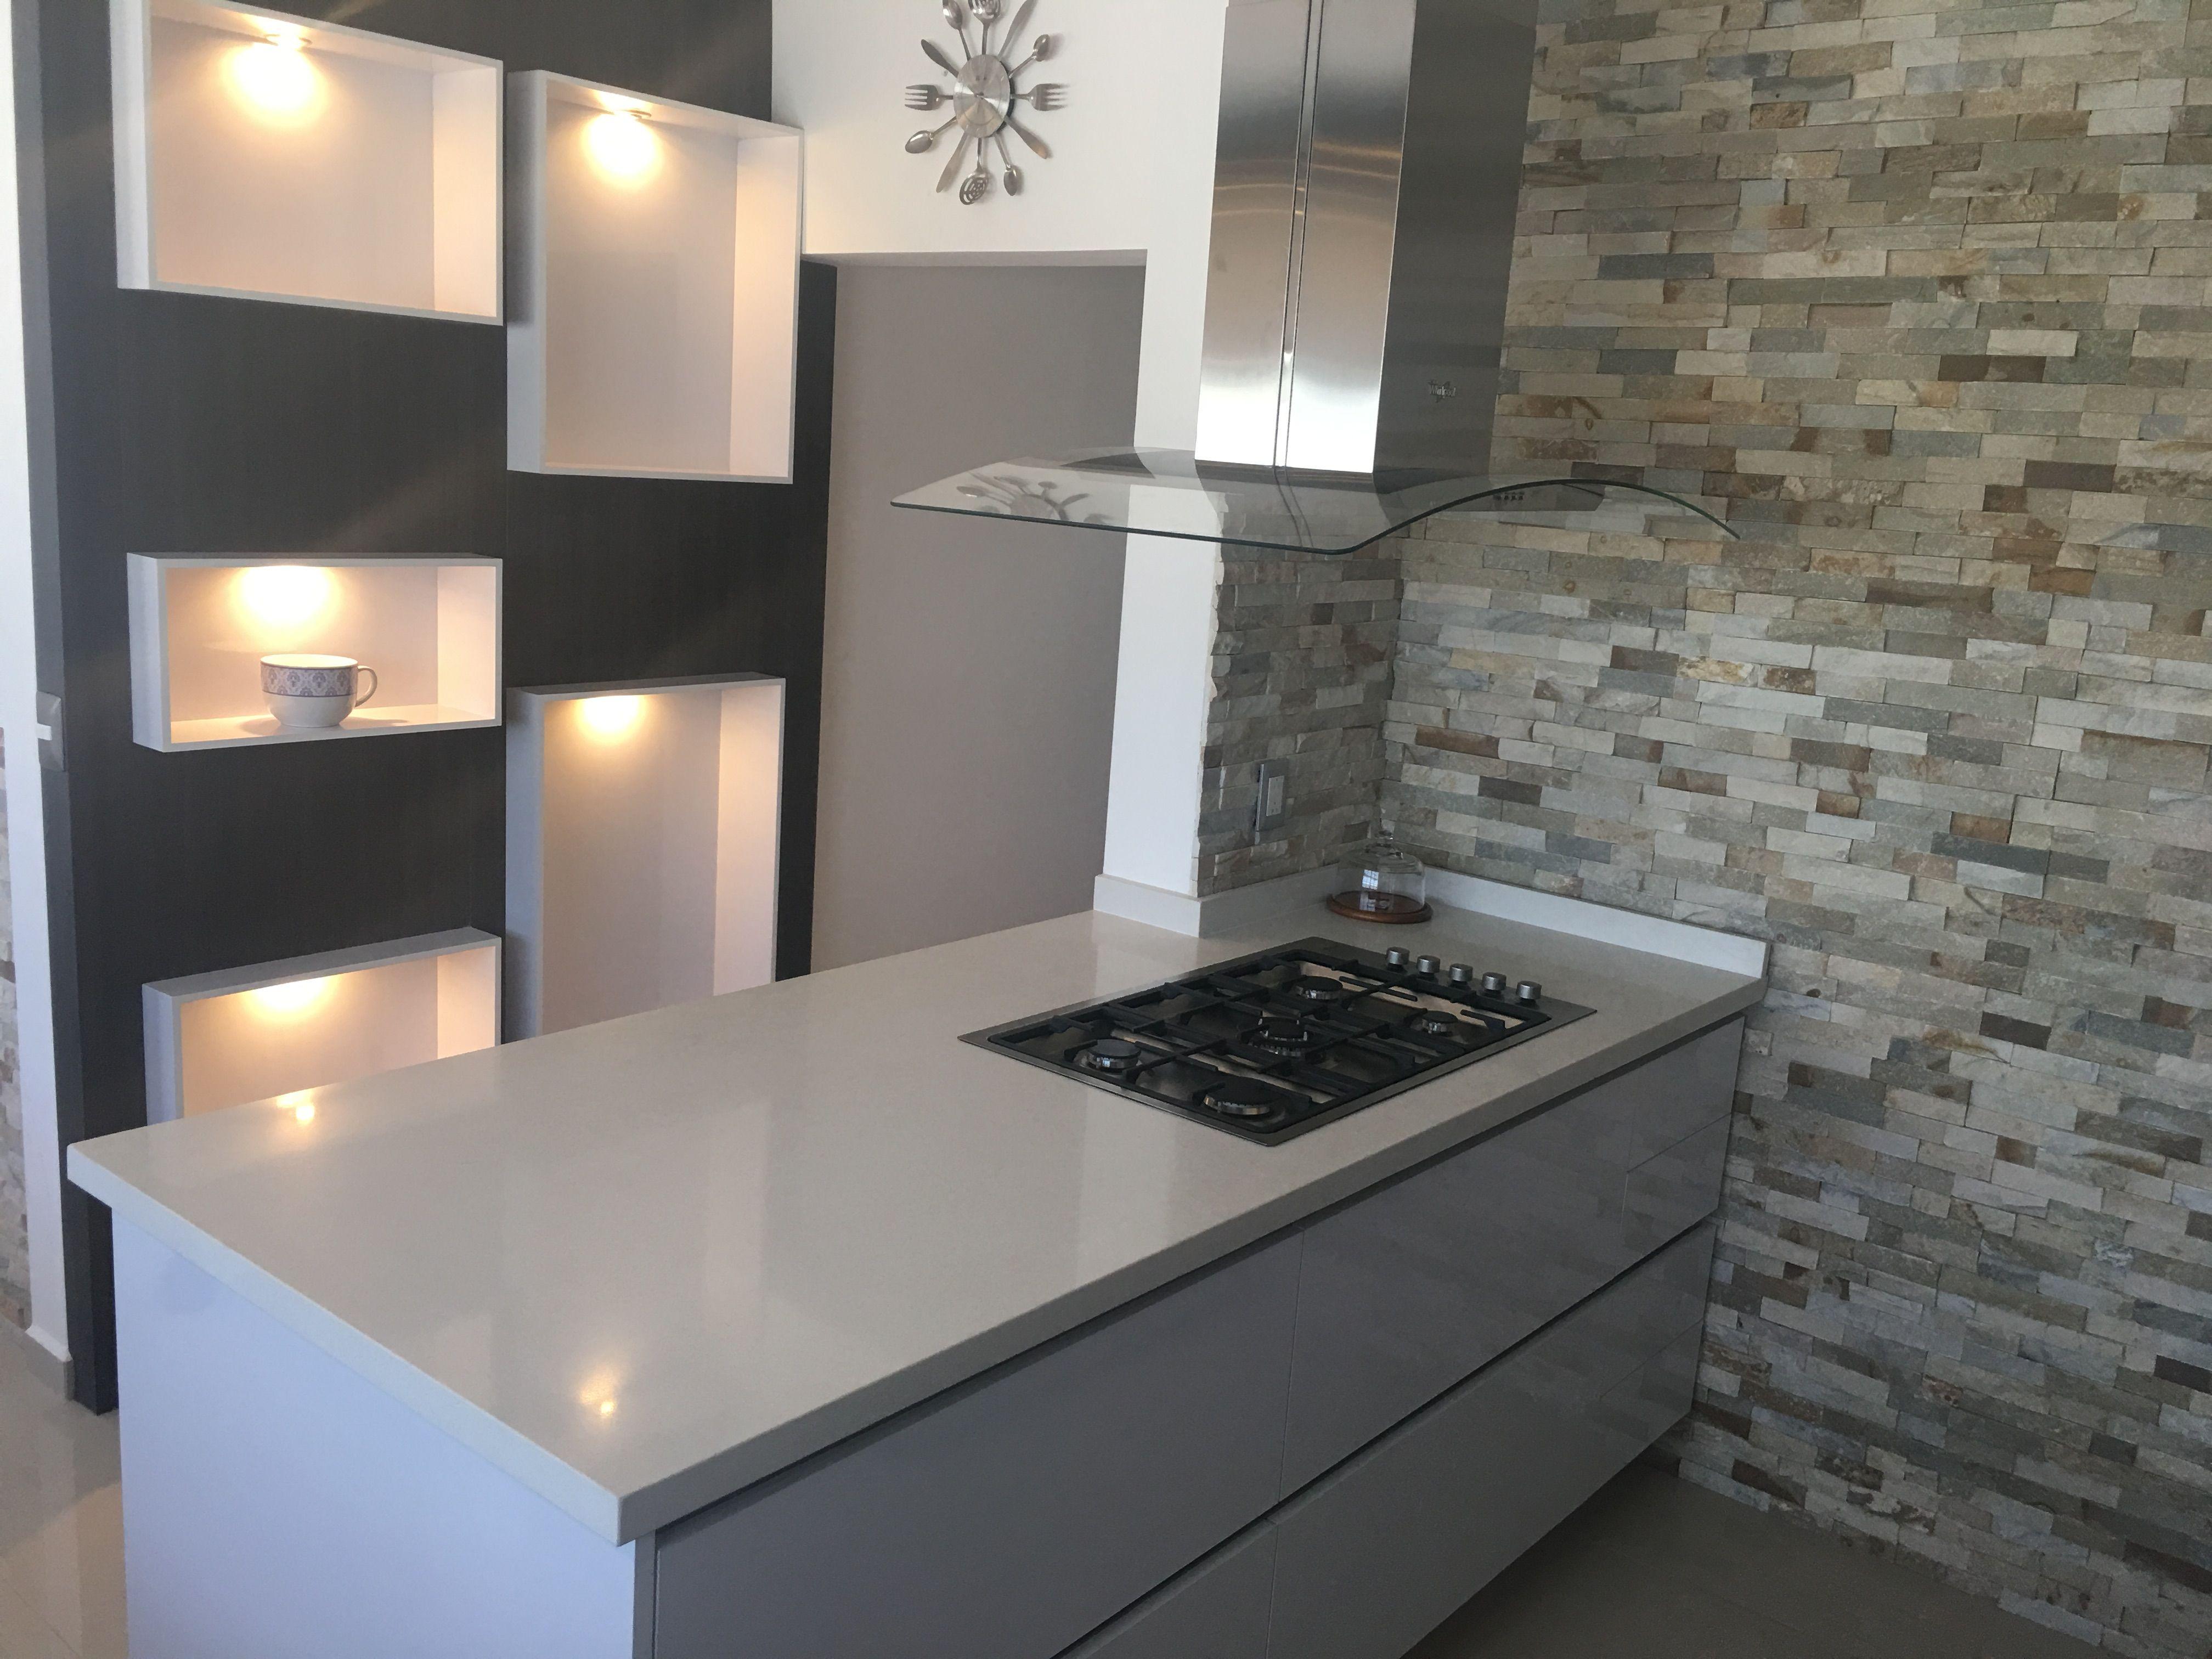 Hermosa combinaci n de texturas y colores para la - Combinacion de colores para muebles de cocina ...